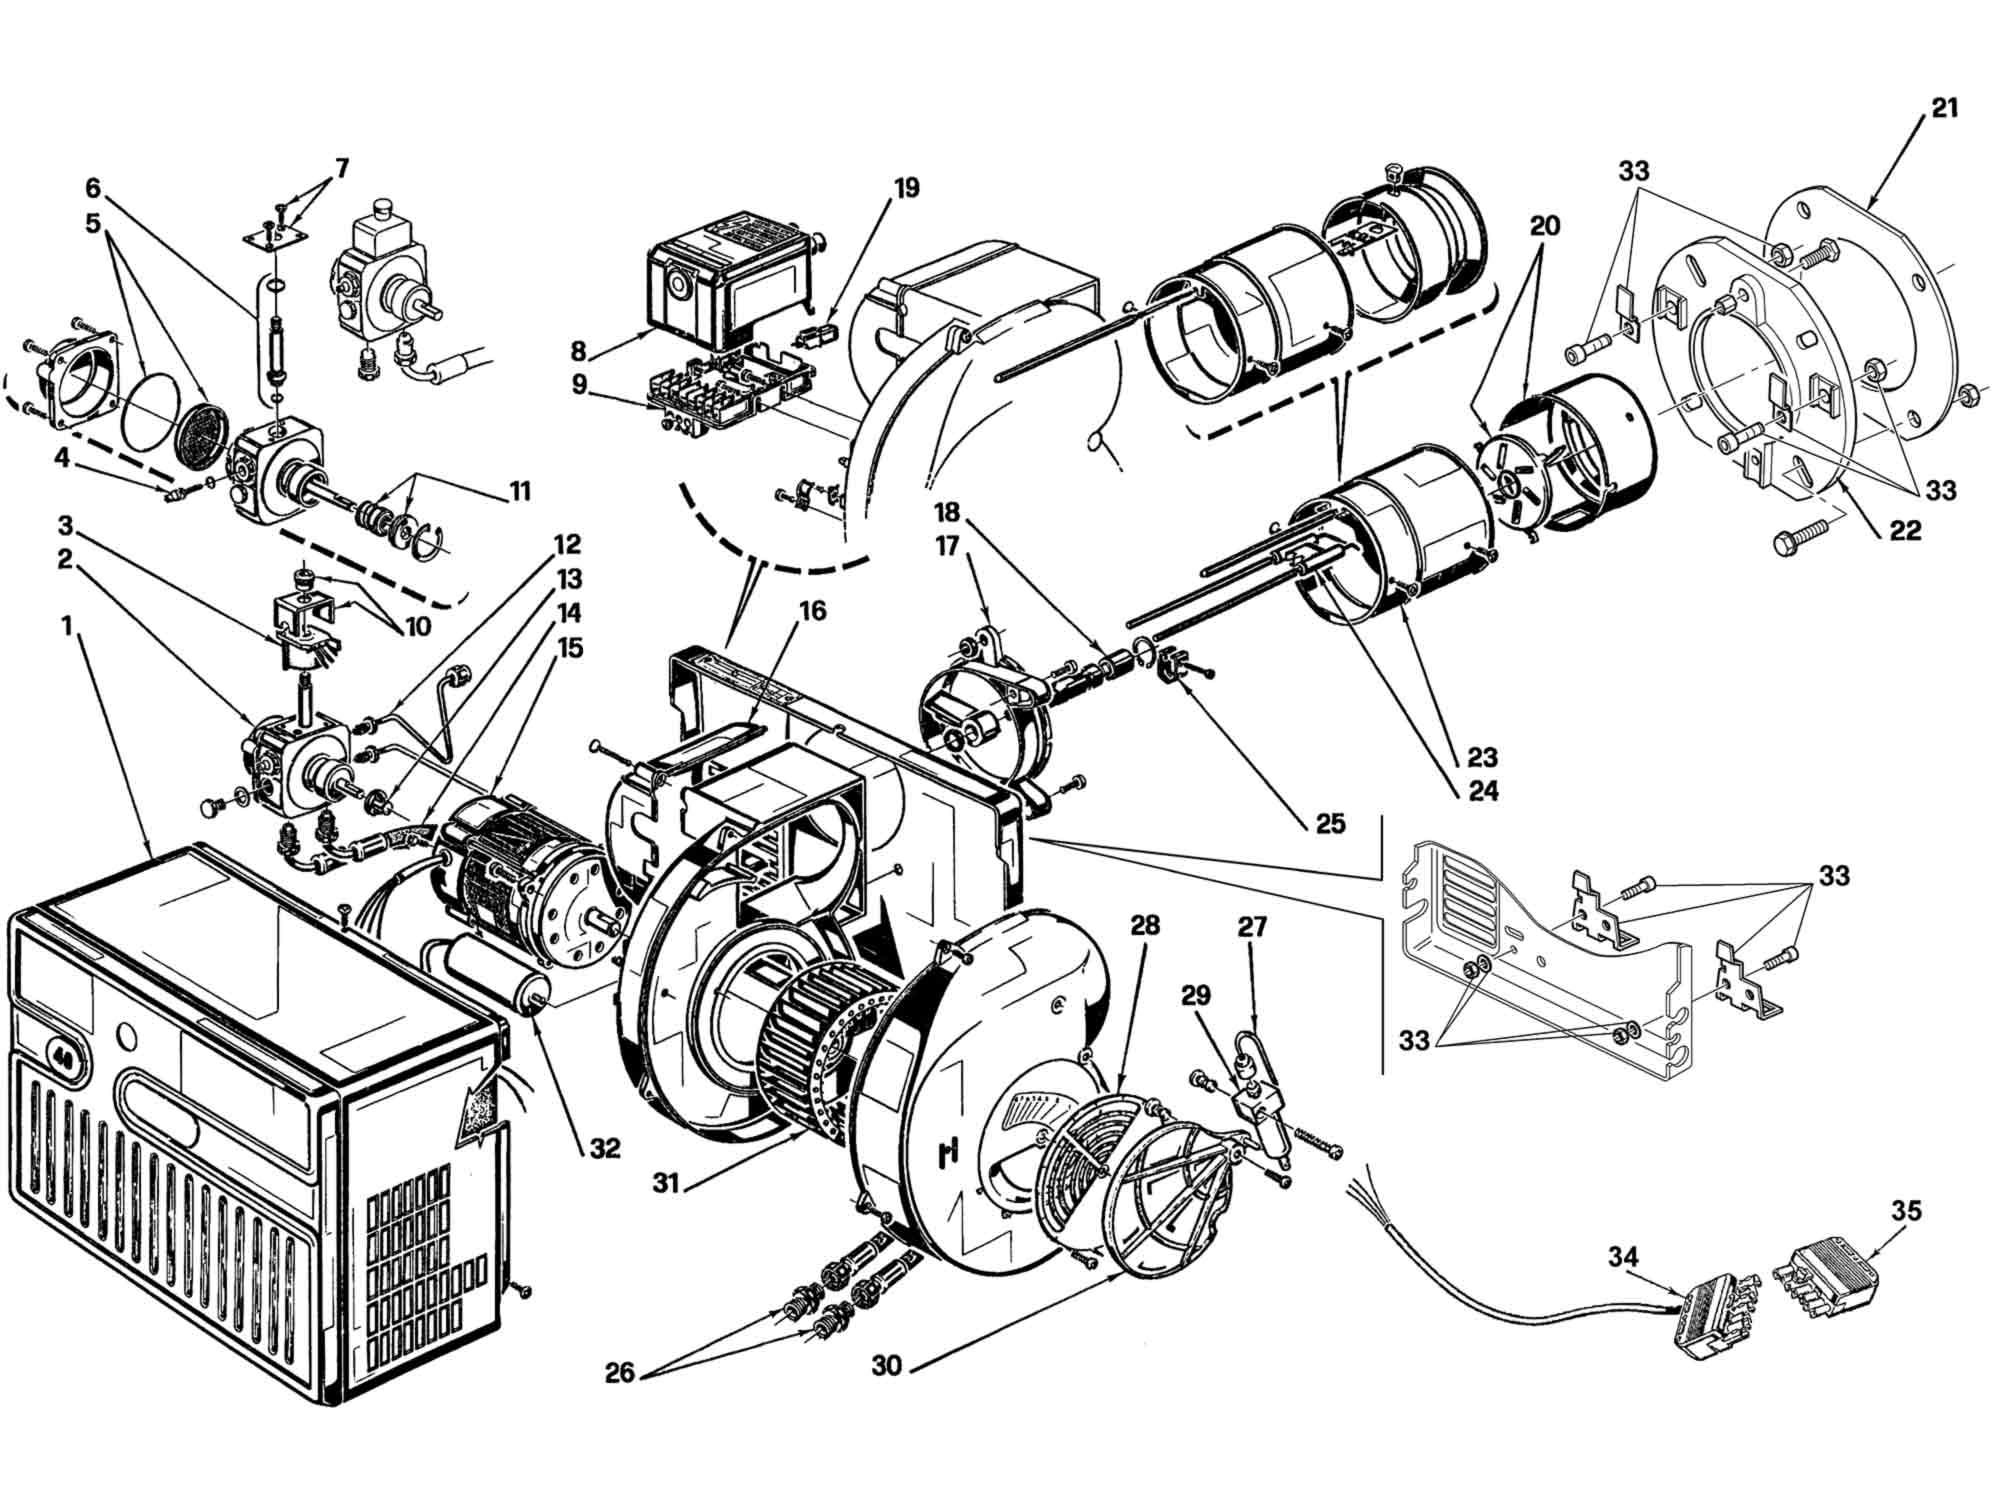 Buy Riello R40 G20 Burner Parts at Heating Parts Warehouse